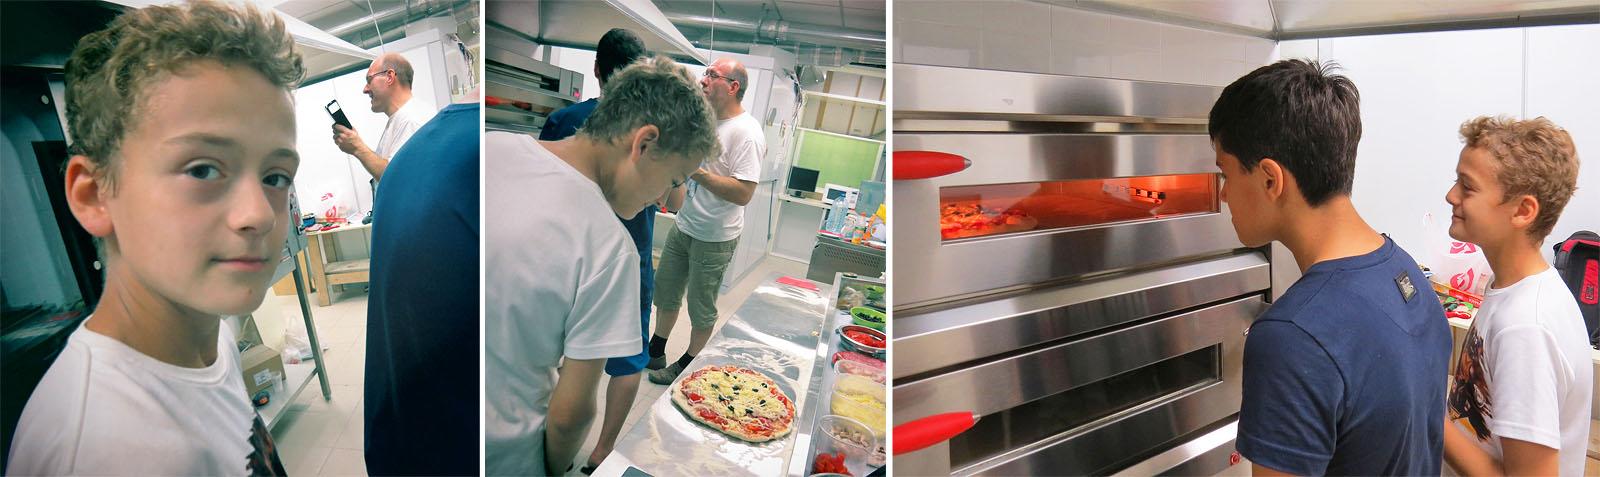 Для молодежи пицца - хорошая еда. Хоть на завтрак, хоть на обед. И на ужин само собой :)